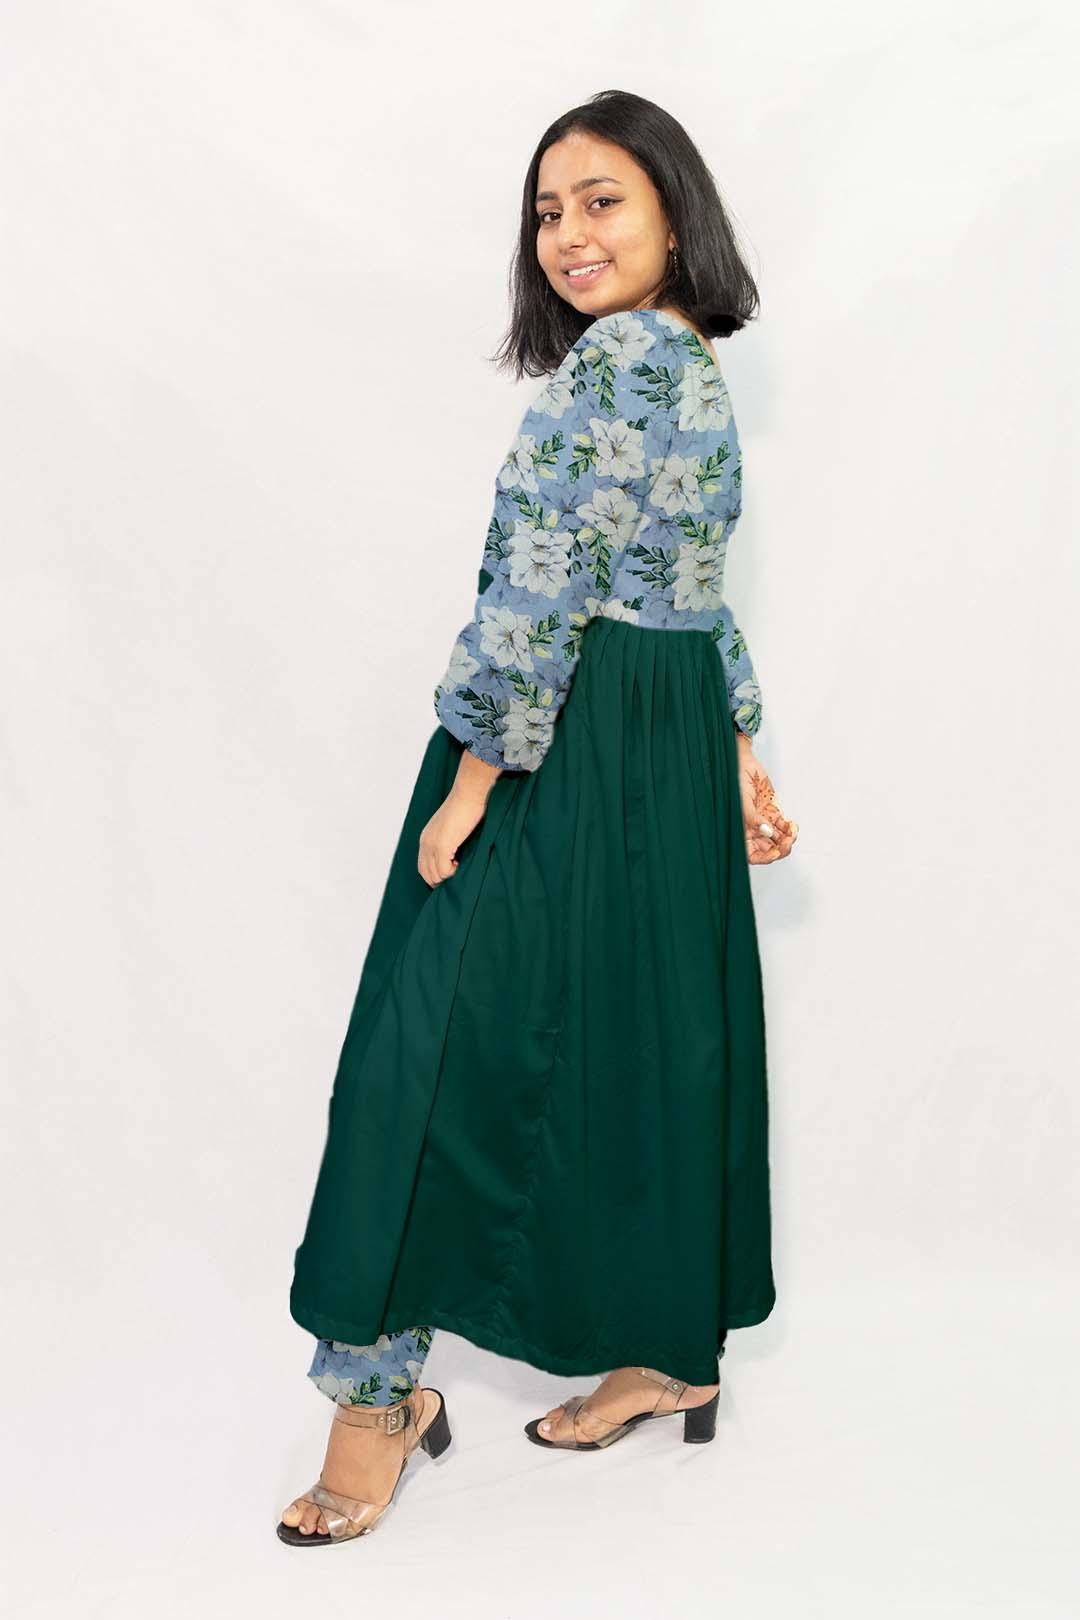 Georgette Frock Style Suit – Ocean Flower